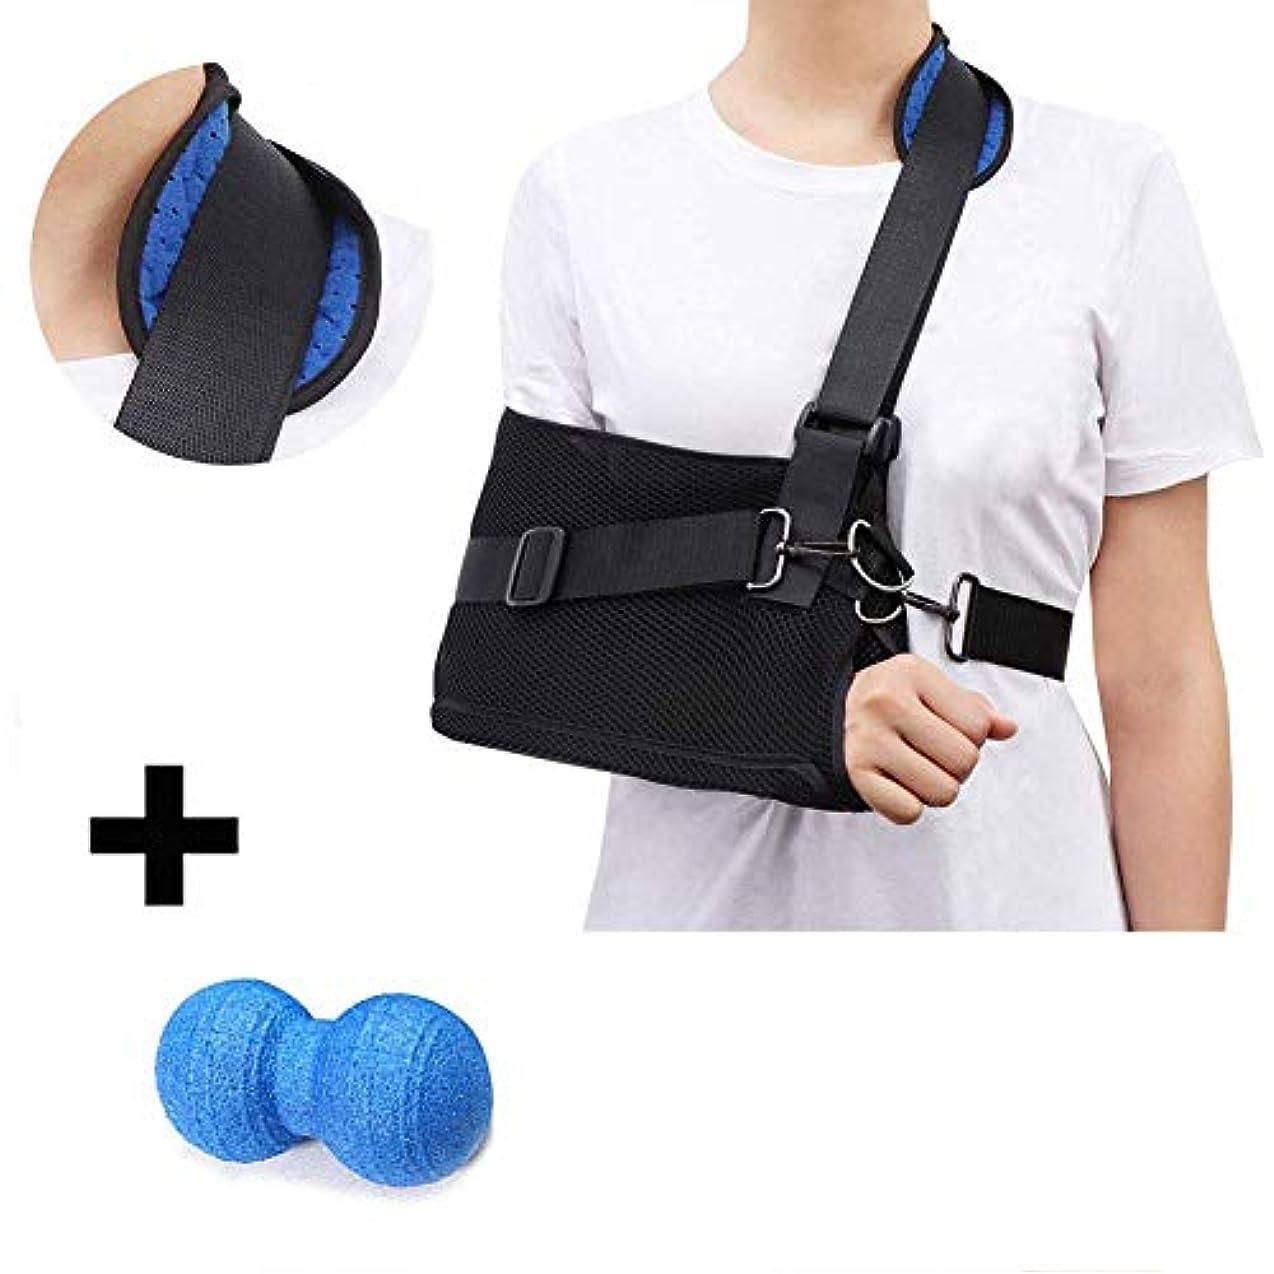 特徴づけるスズメバチ巨人アームスリング、調節可能な壊れたアームイモビライザー肘手首肩スリング左右の腕のための医療ストラップ